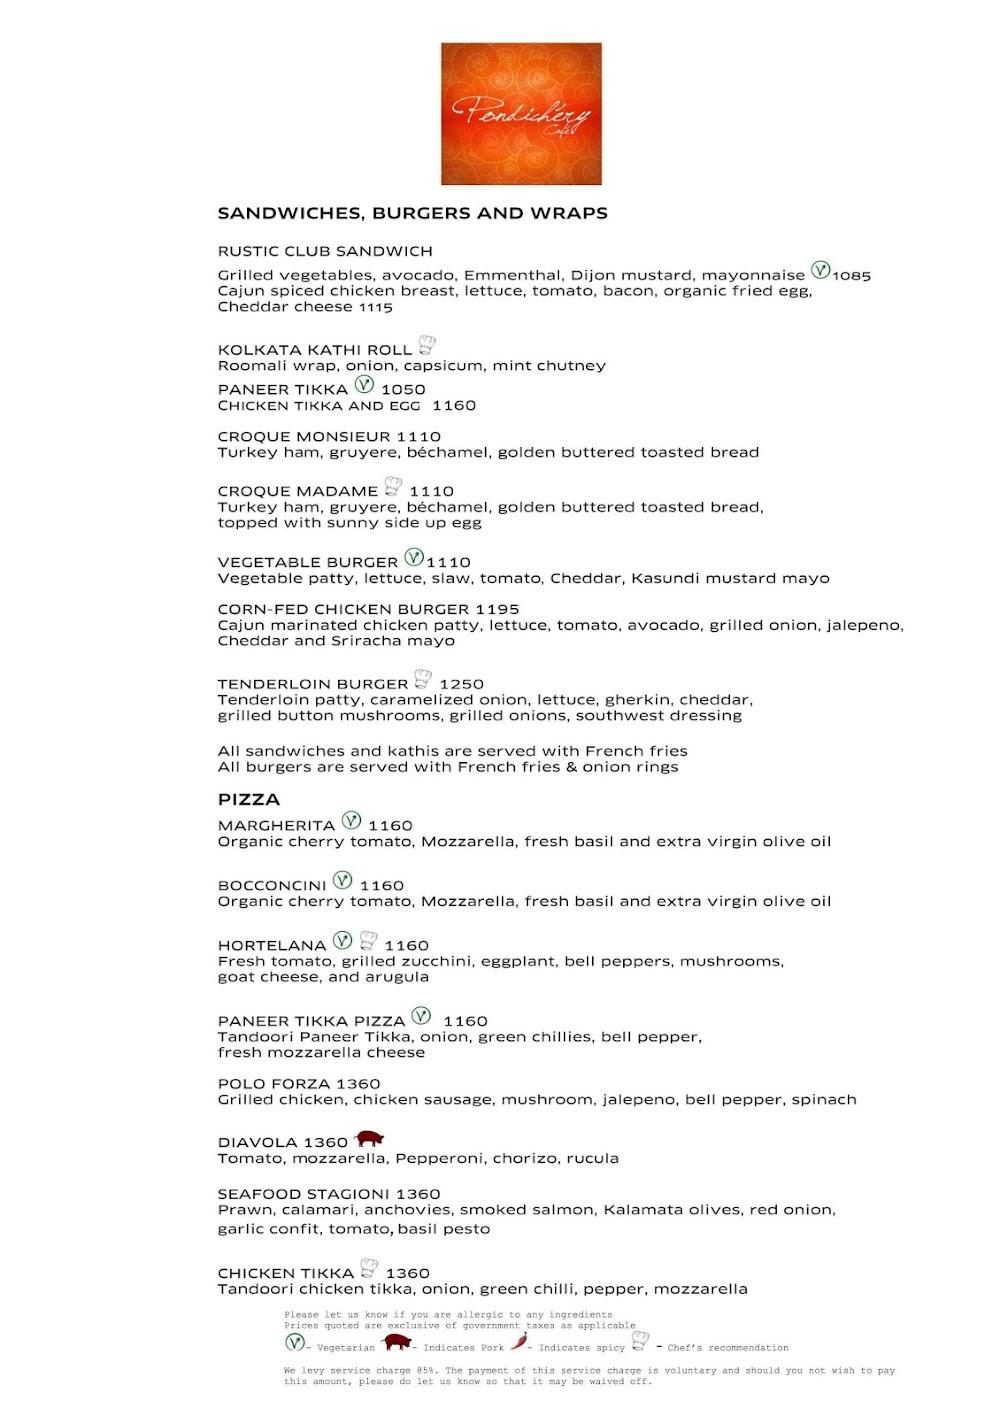 Pondichery Cafe - Sofitel menu 4